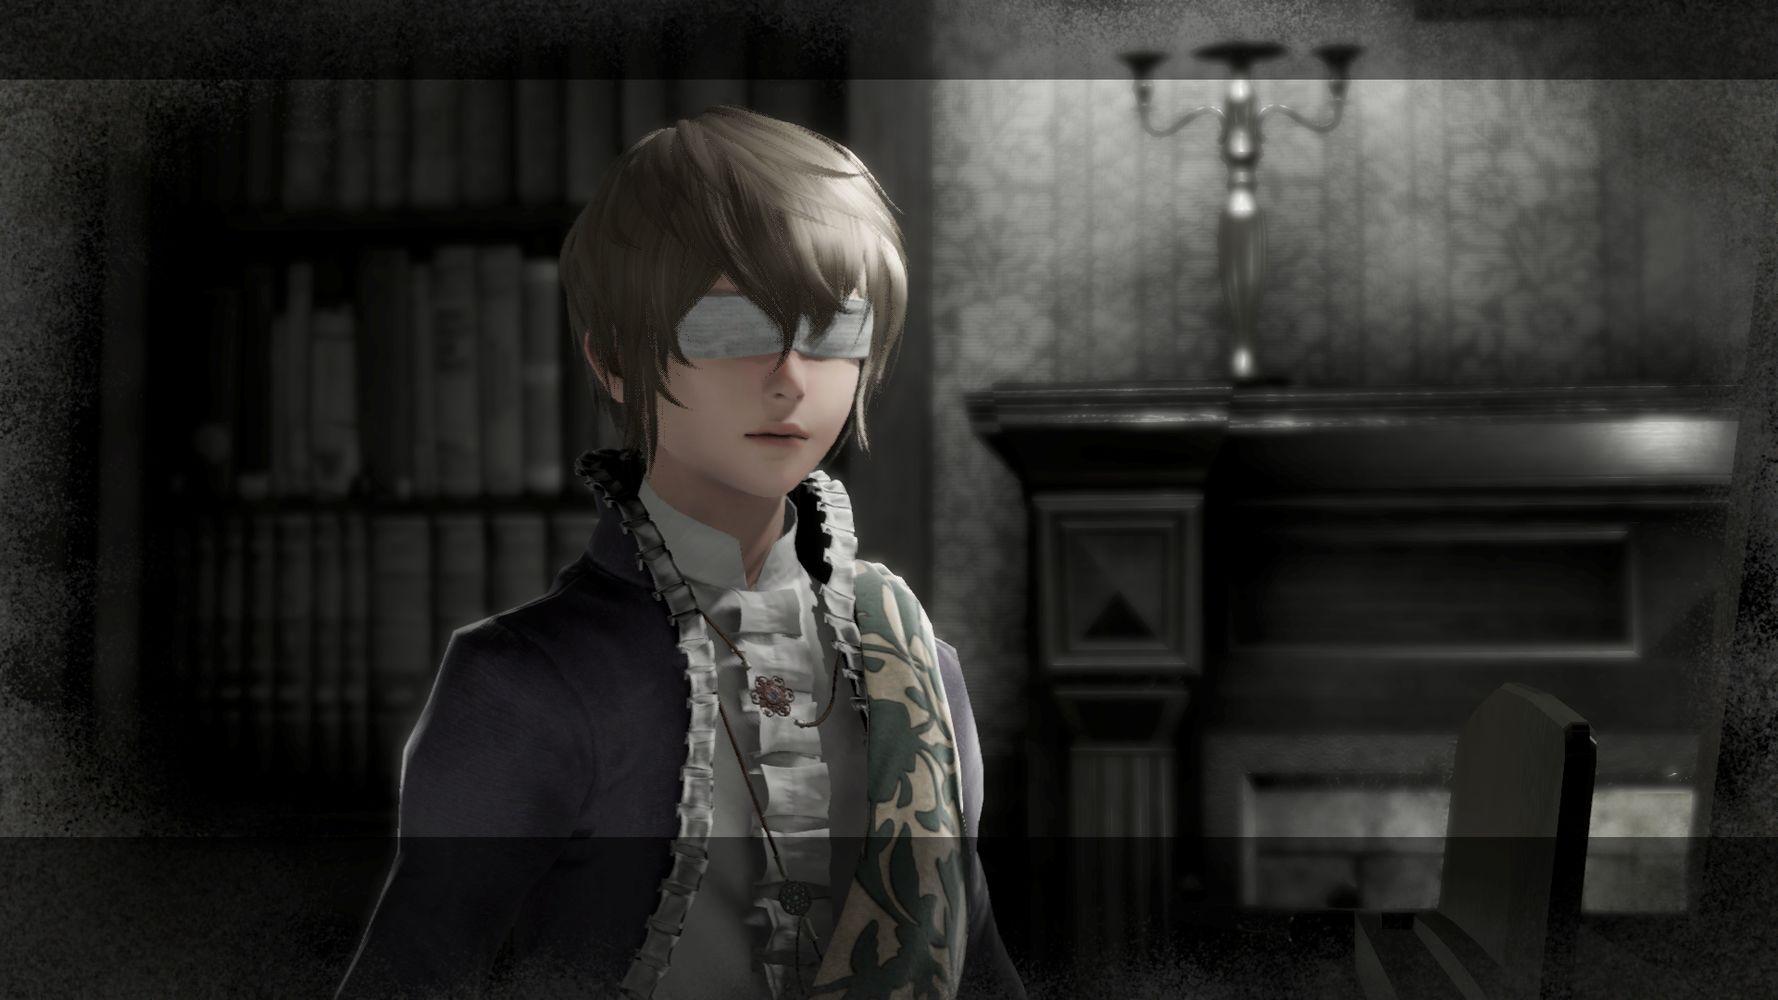 Emil nella sua forma umana in NieR Replicant ver. 1.22474487139…